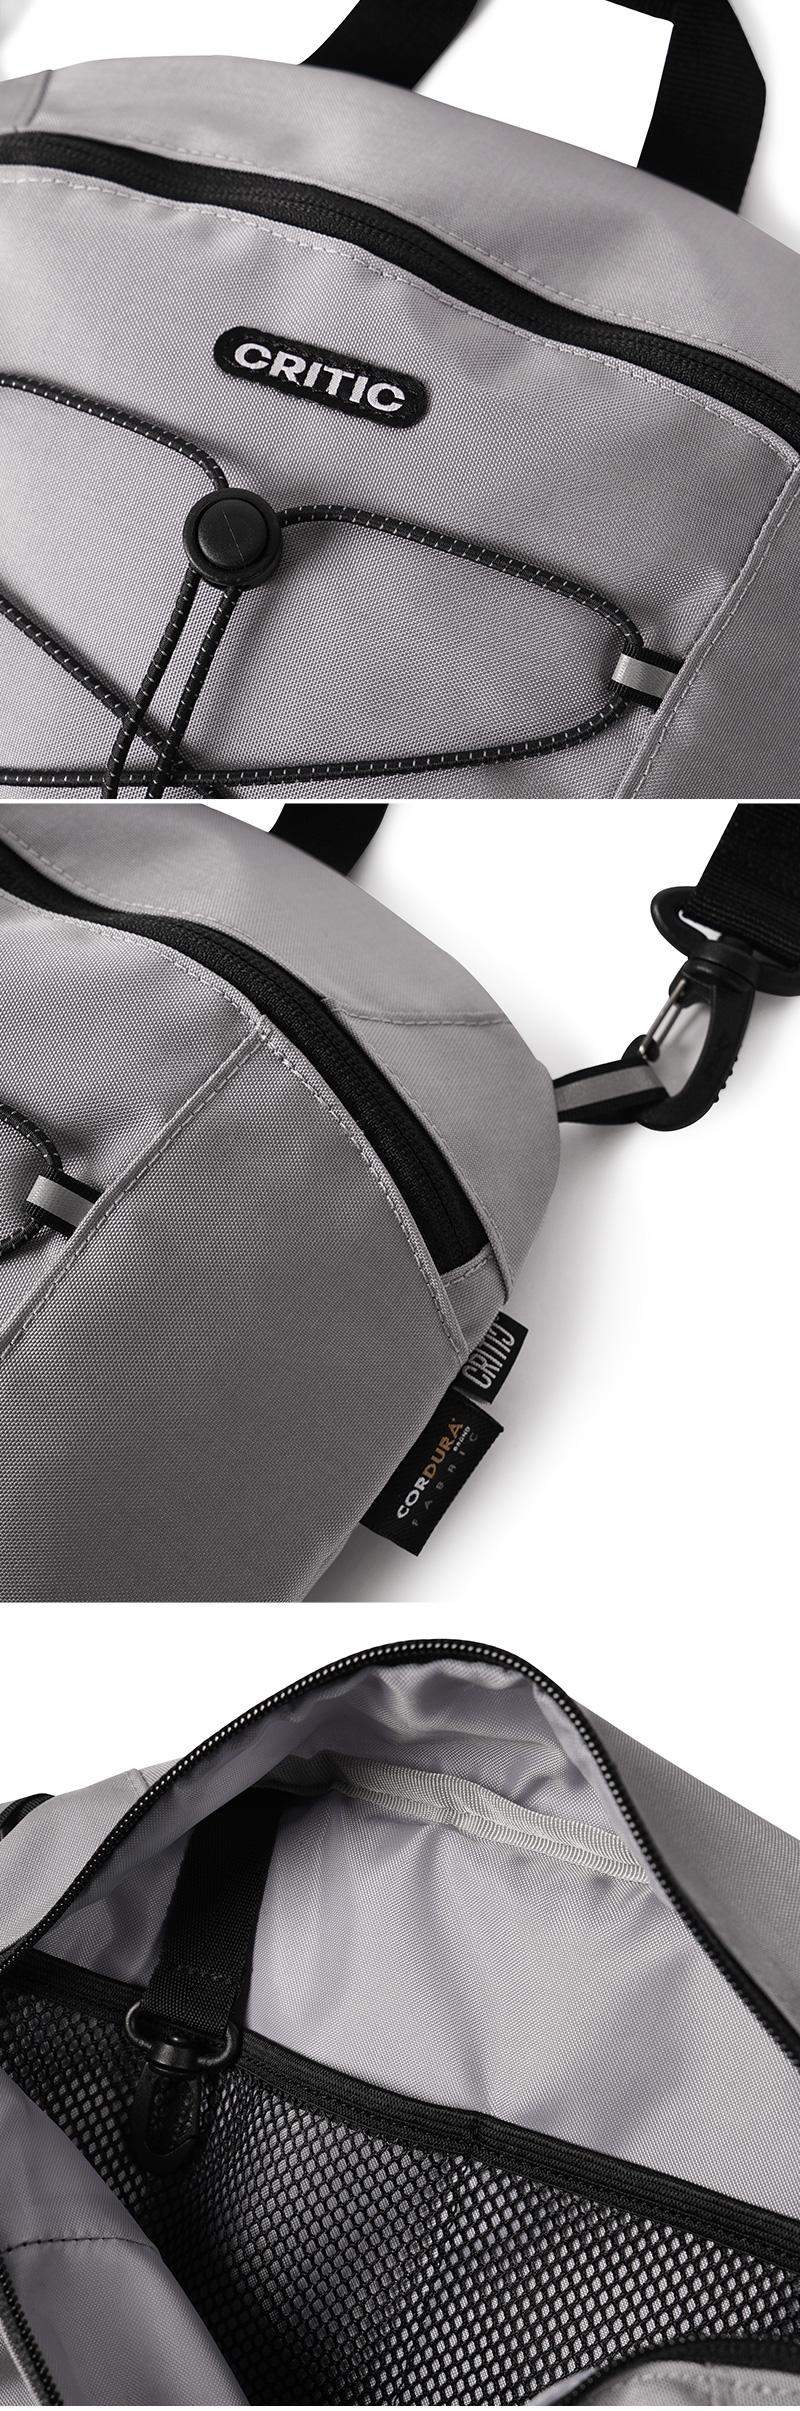 크리틱(CRITIC) CORDURA® CROSS BAG(GRAY)_CTONUBG01UC0